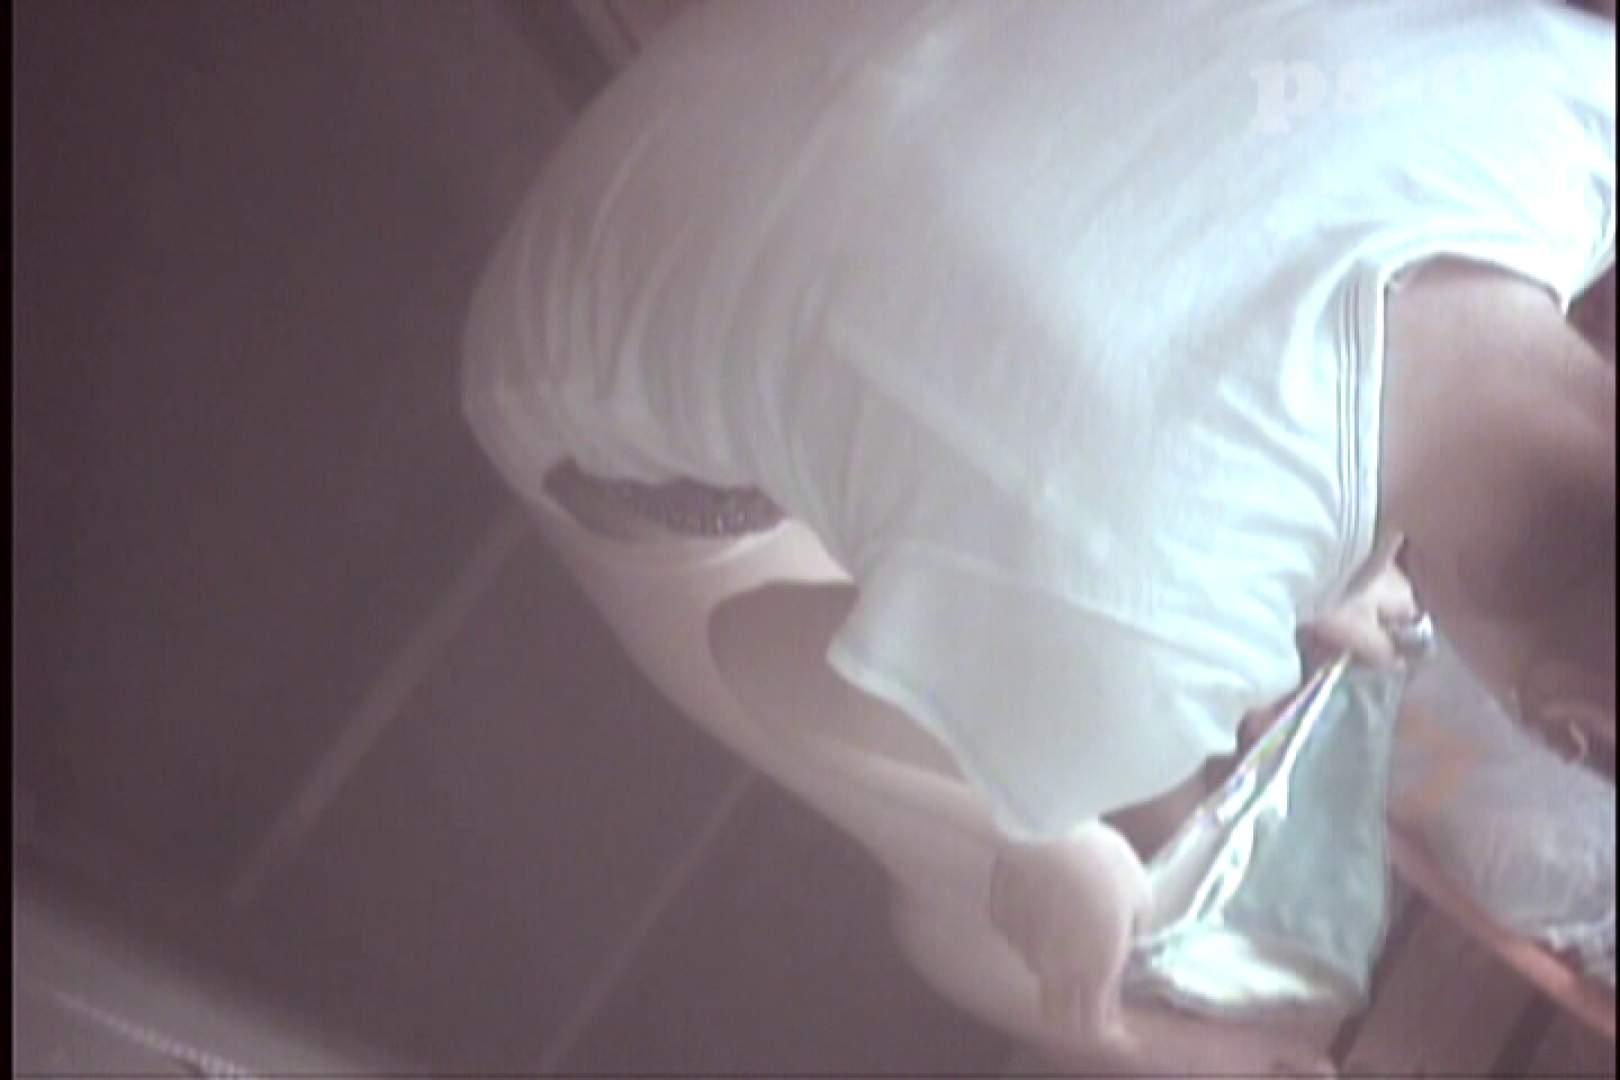 File.15 はみ出る陰毛のチェックに余念がないギャル HなOL オマンコ無修正動画無料 95pic 29